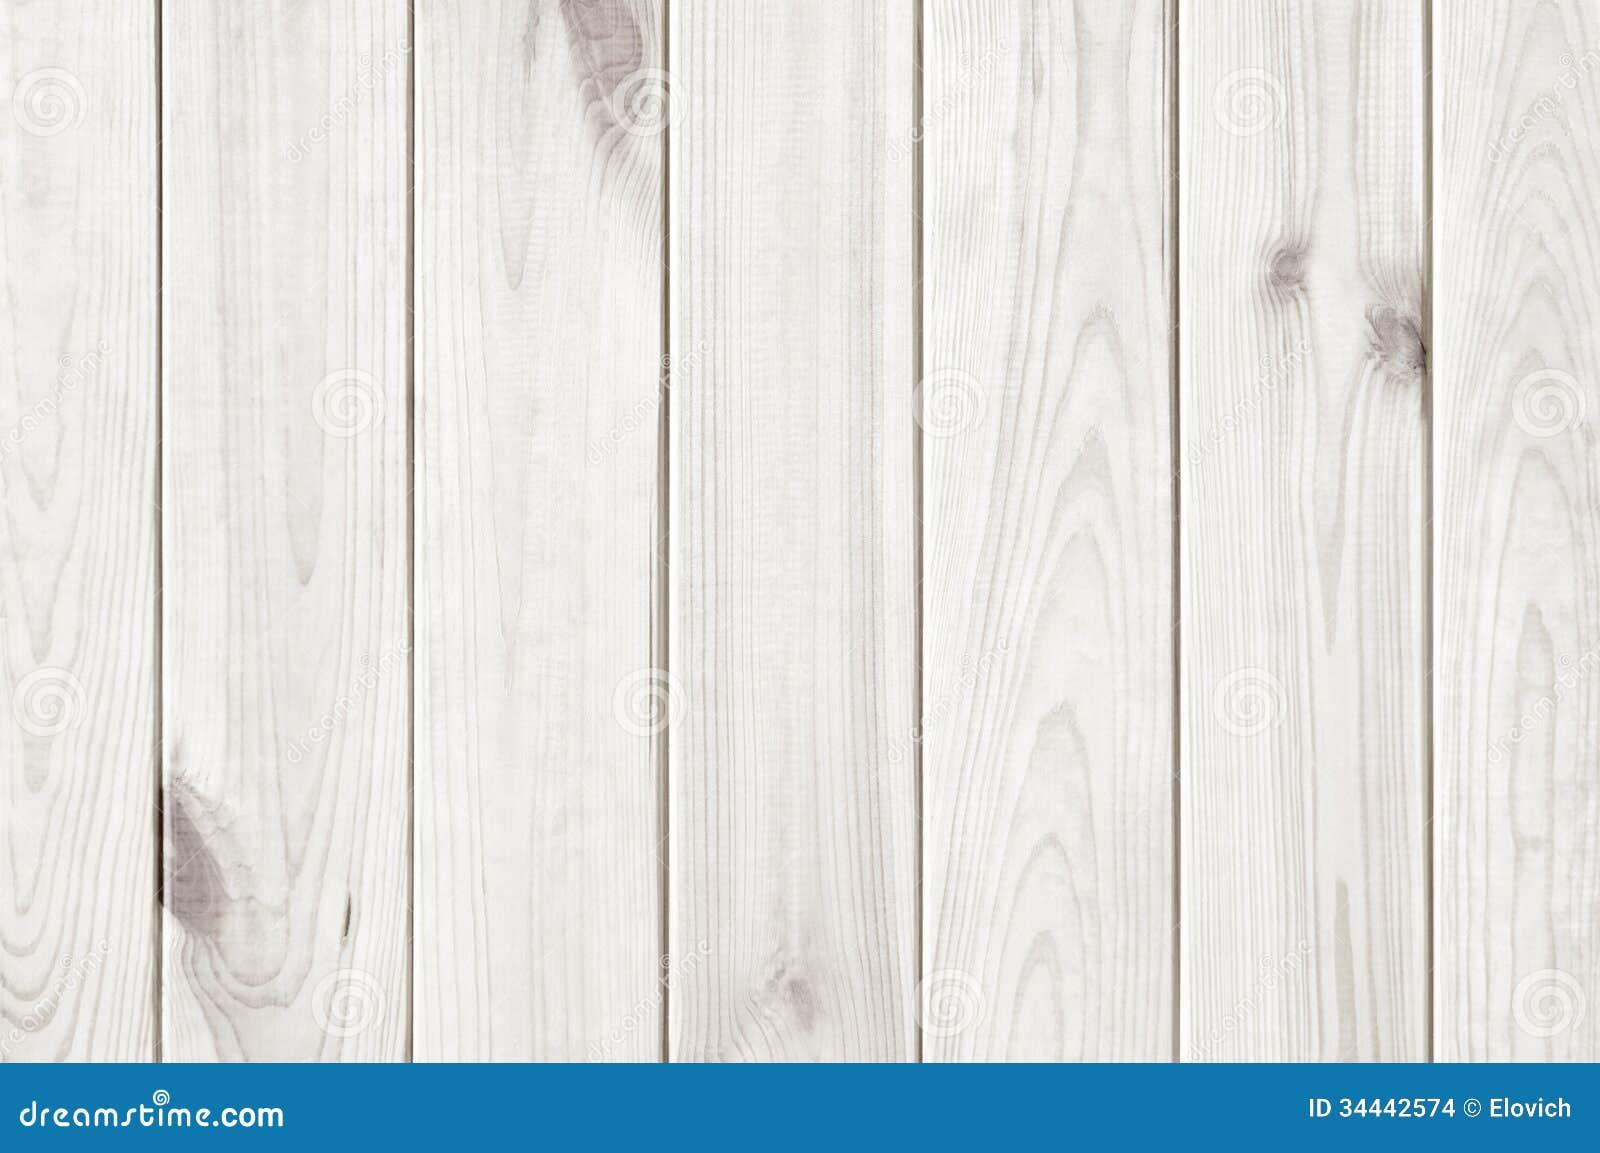 Fondo blanco de la textura del tabl n de madera foto de - Madera blanca envejecida ...